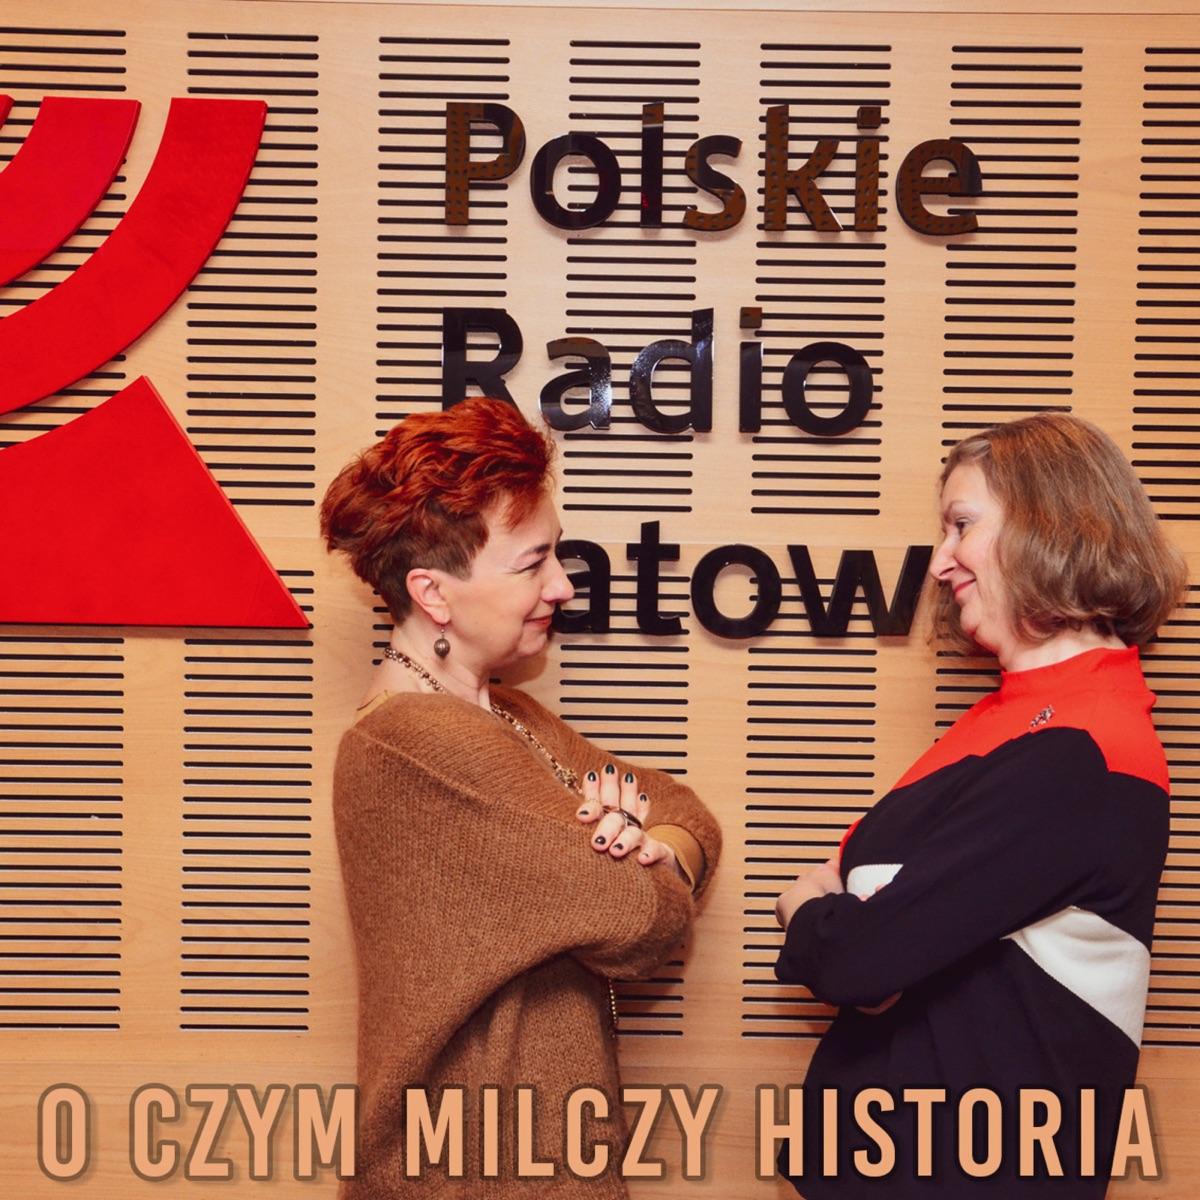 O czym milczy historia? | Radio Katowice